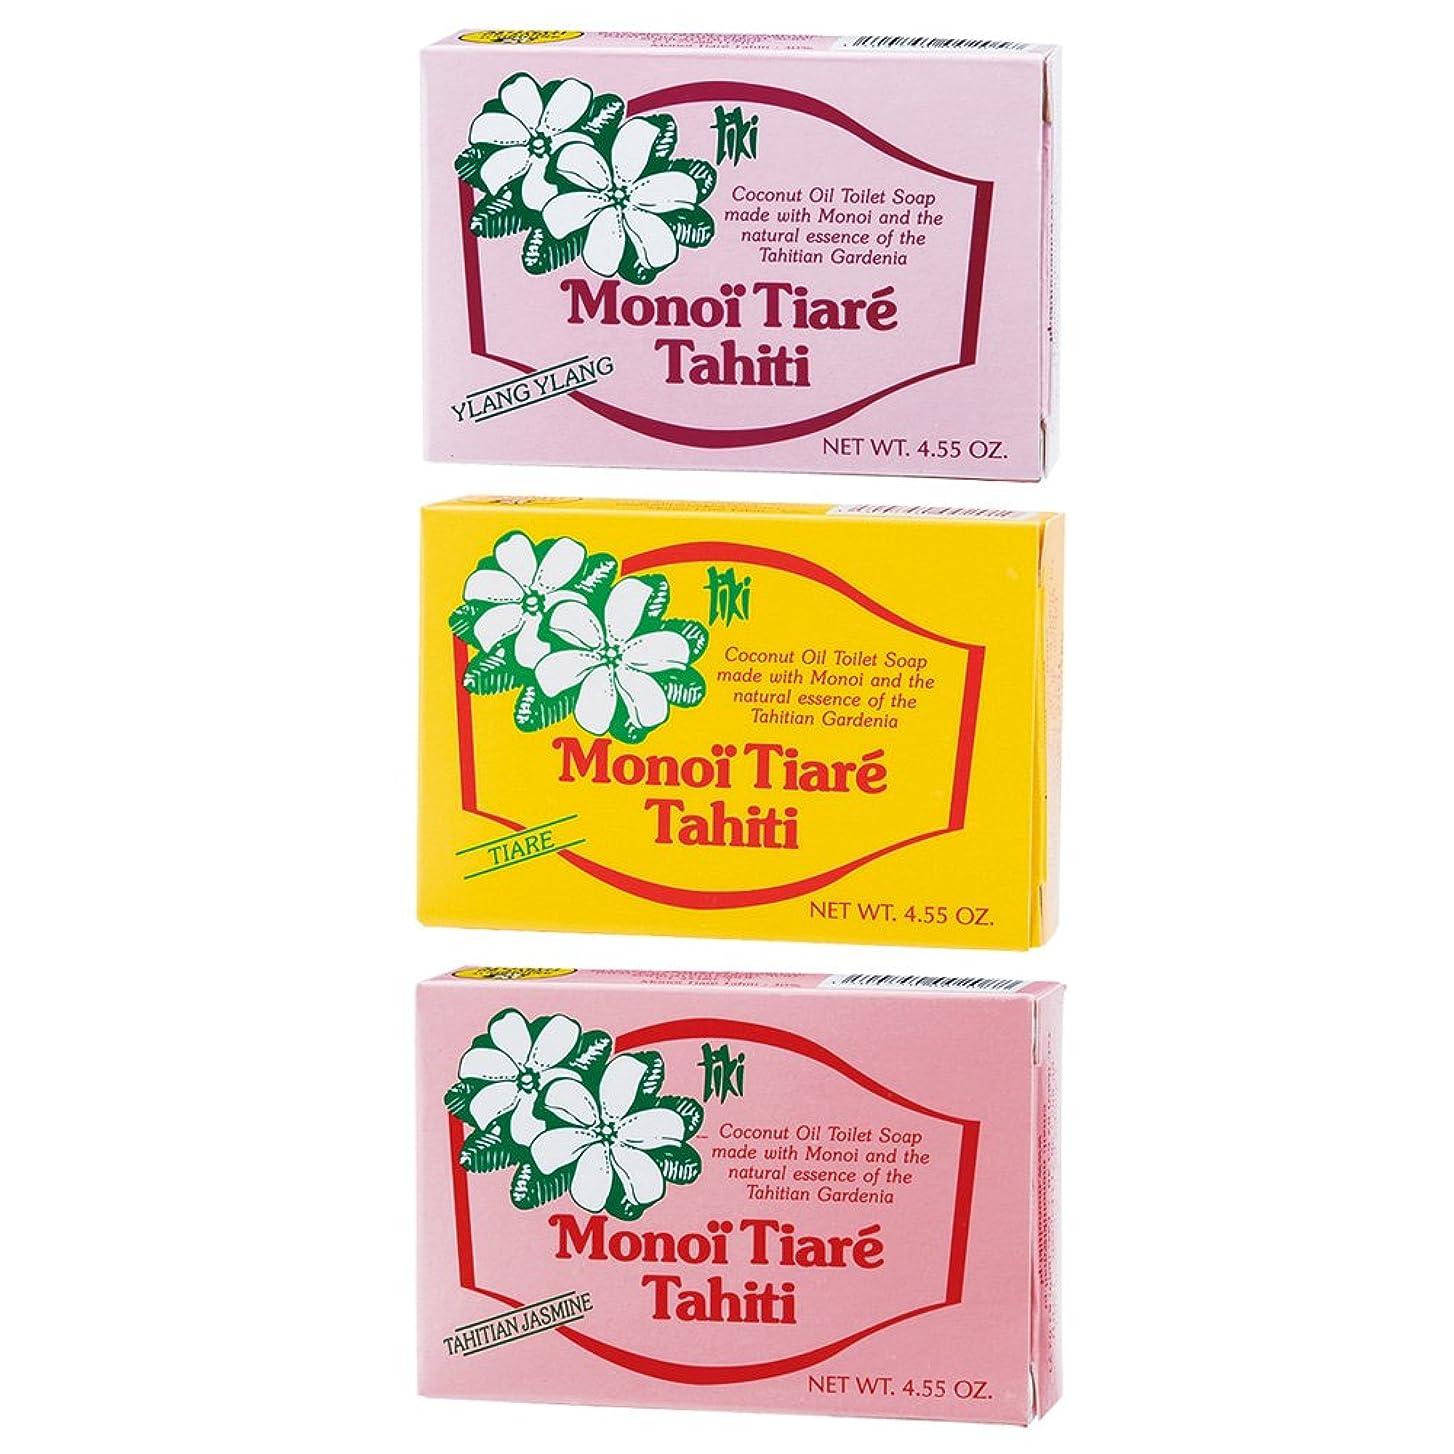 受け入れたソブリケット歯痛タヒチお土産 タヒチ モノイティアレ 石けん 3種セット